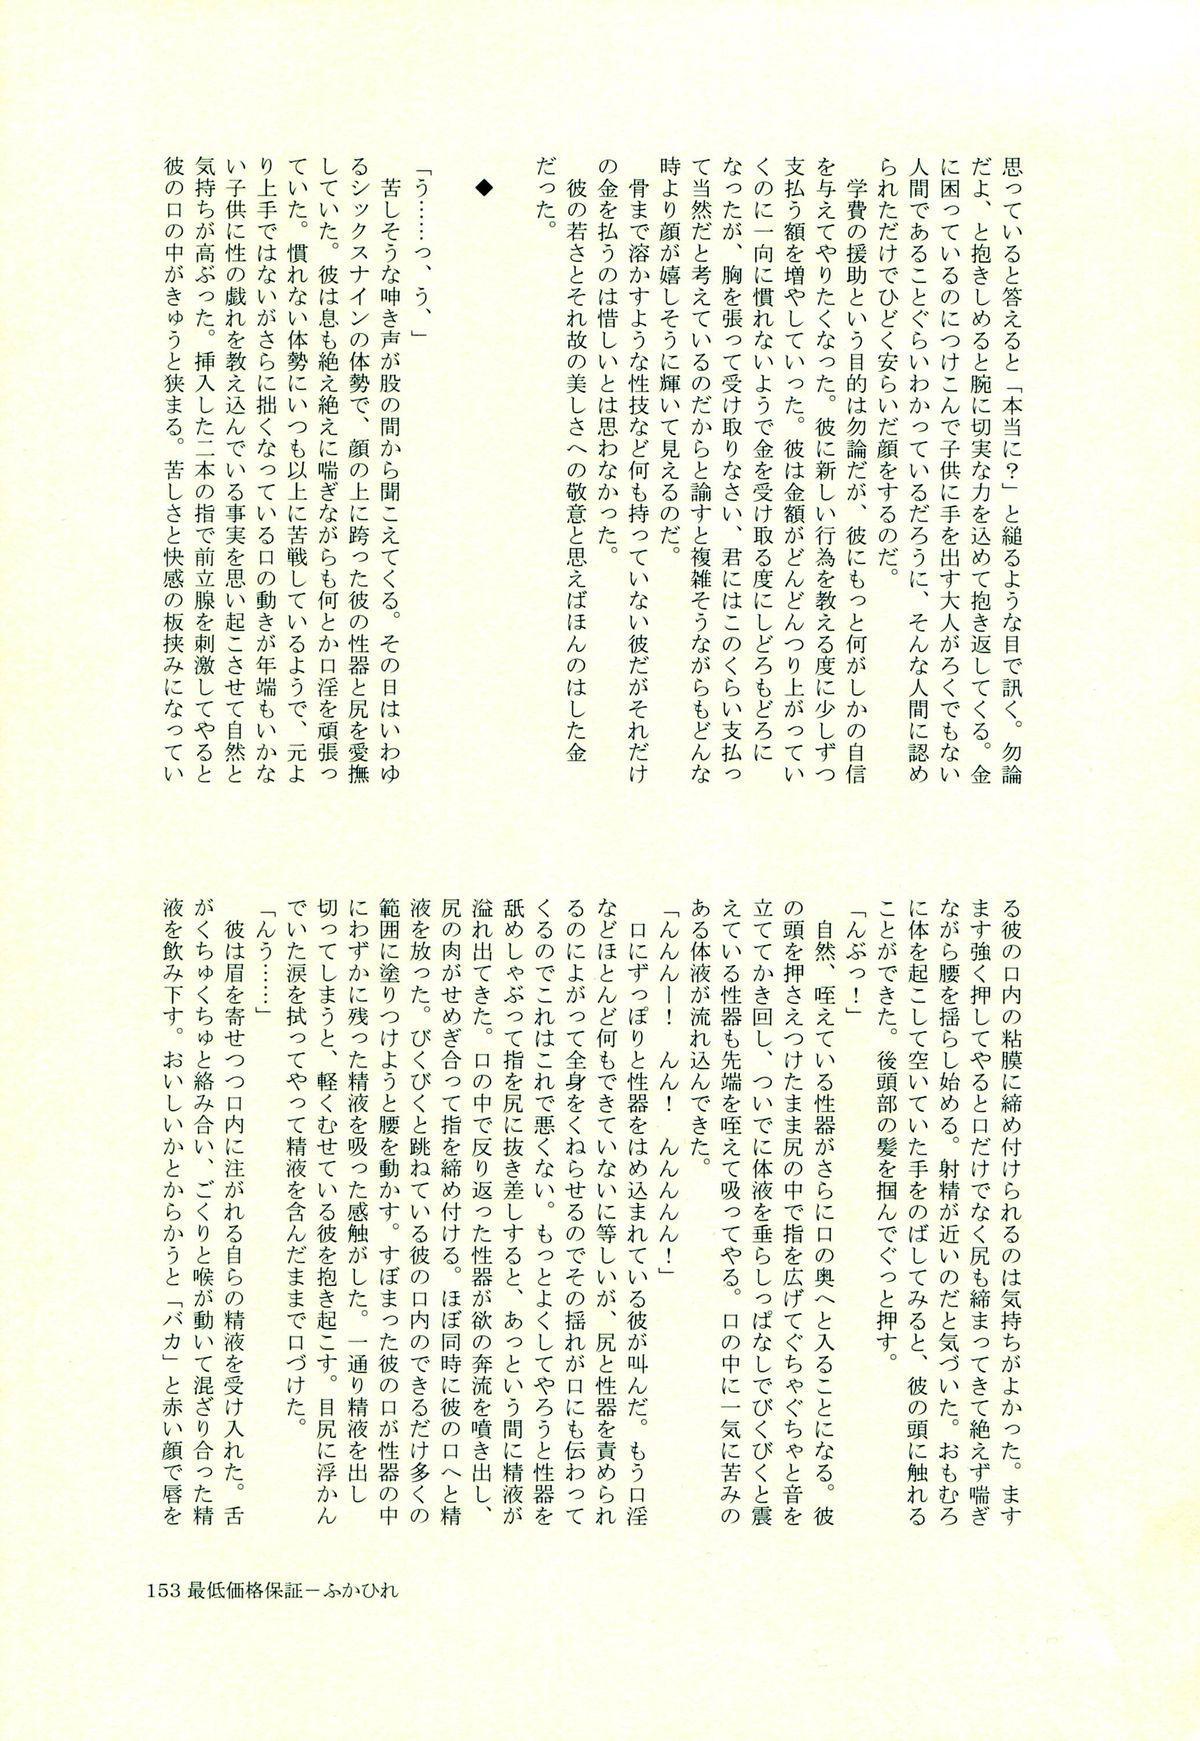 Hinata Hajime no Himitsu no Jikan 151